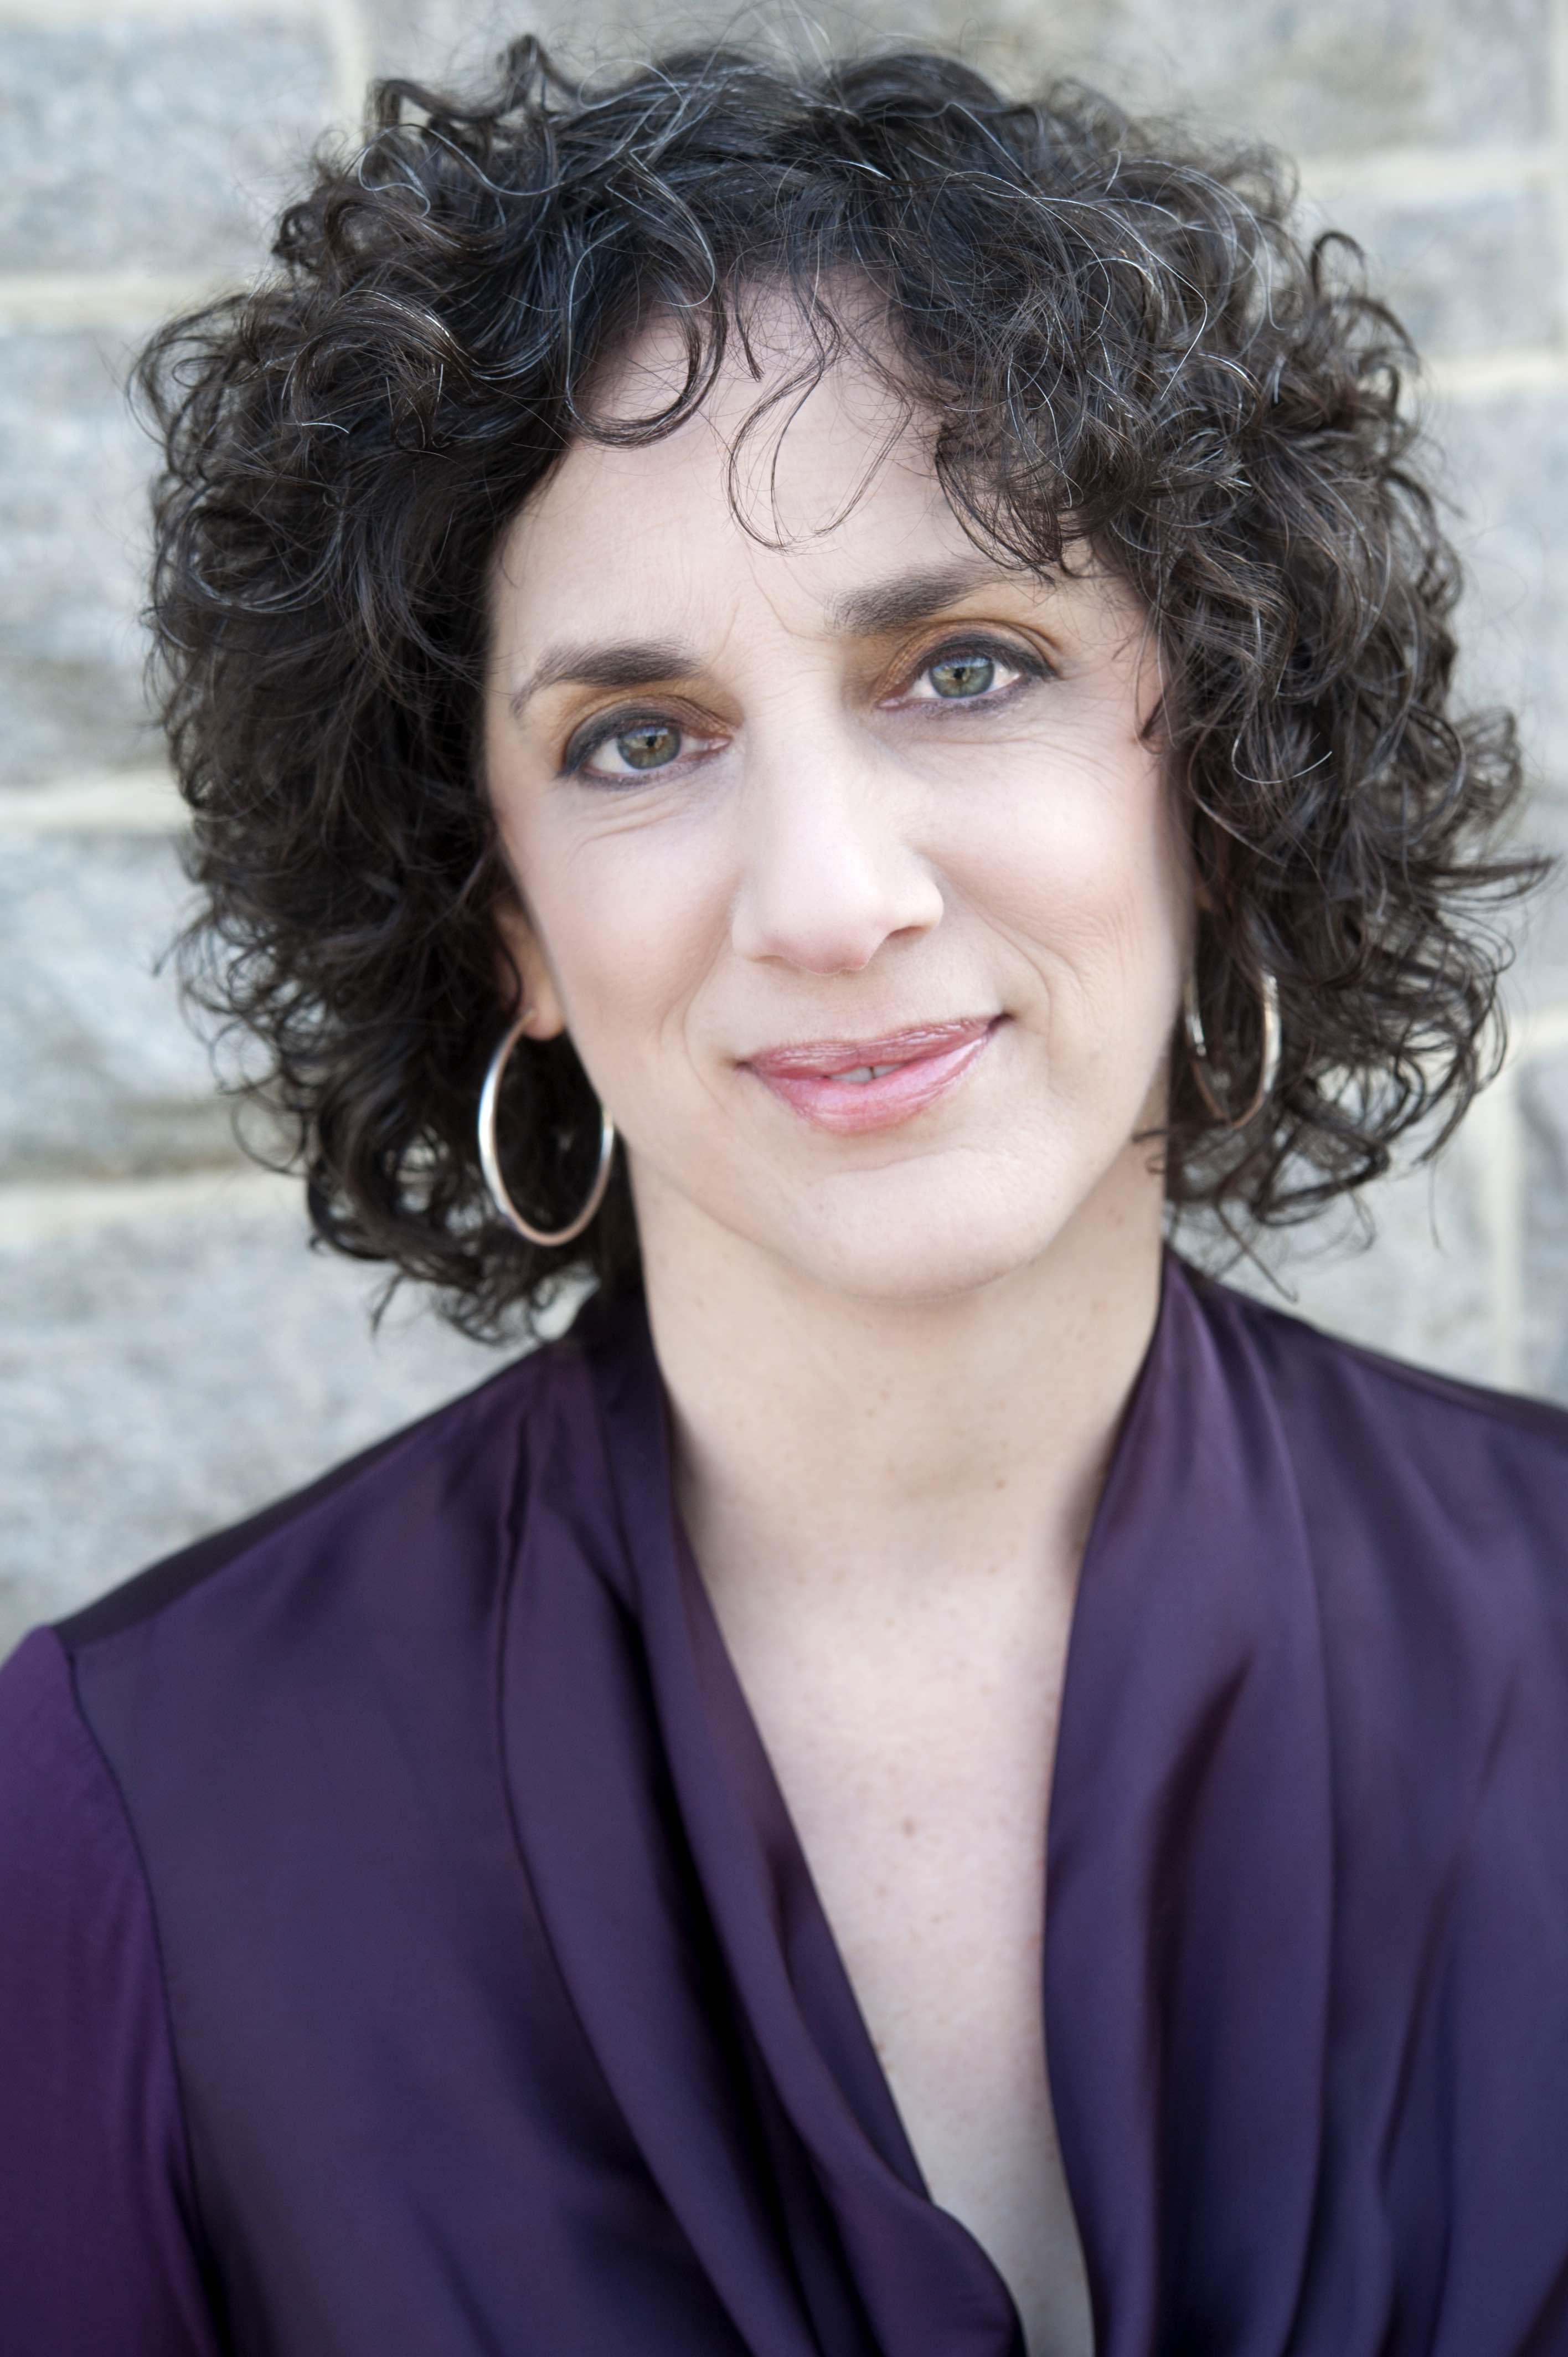 Leslie O'Flahavan